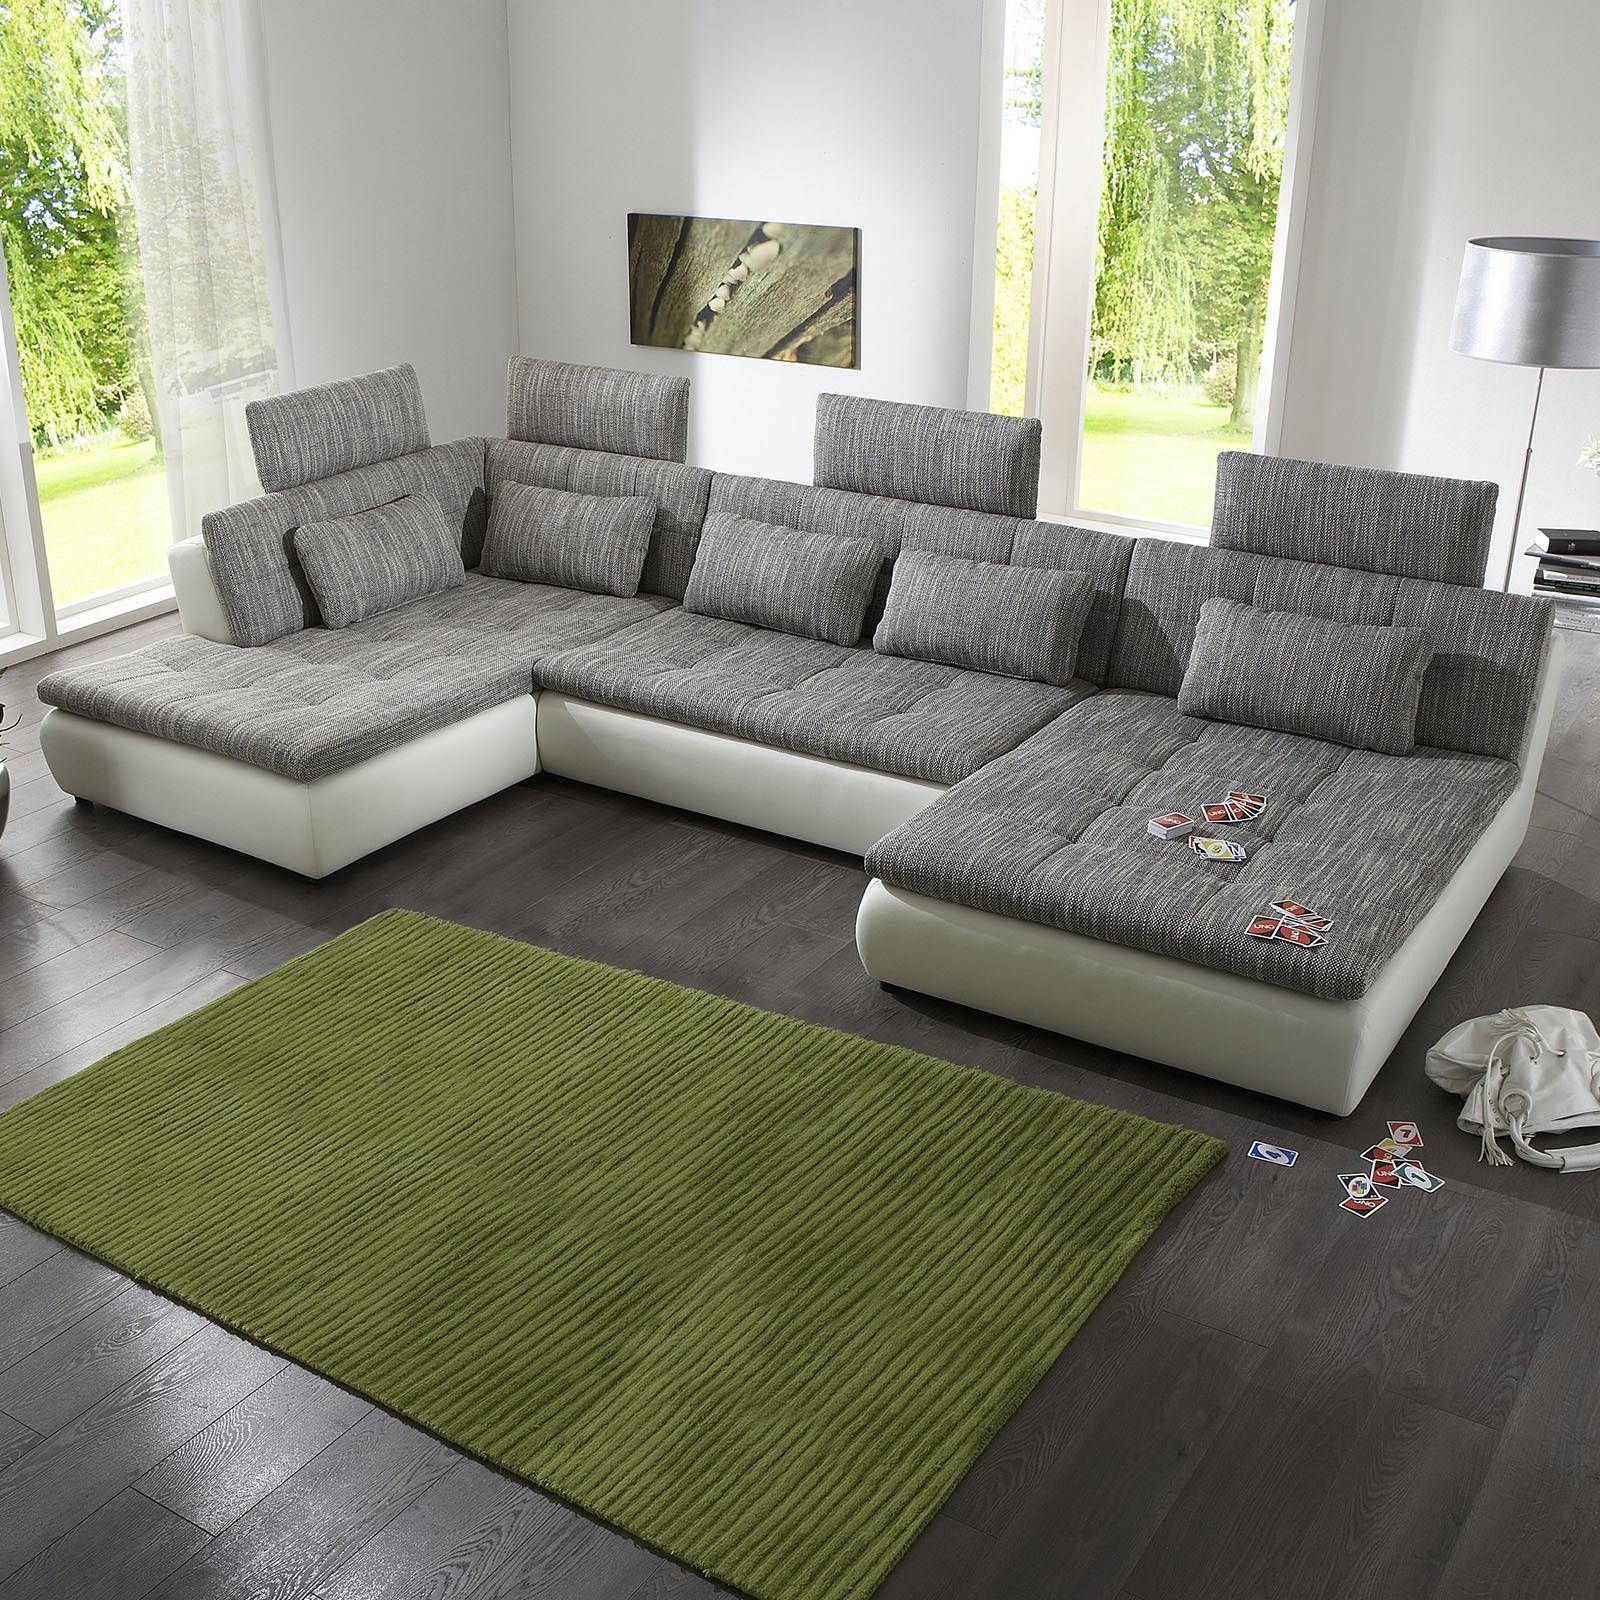 Wohnlandschaft Individuell Free Weiss Mebel Pinterest Sofa